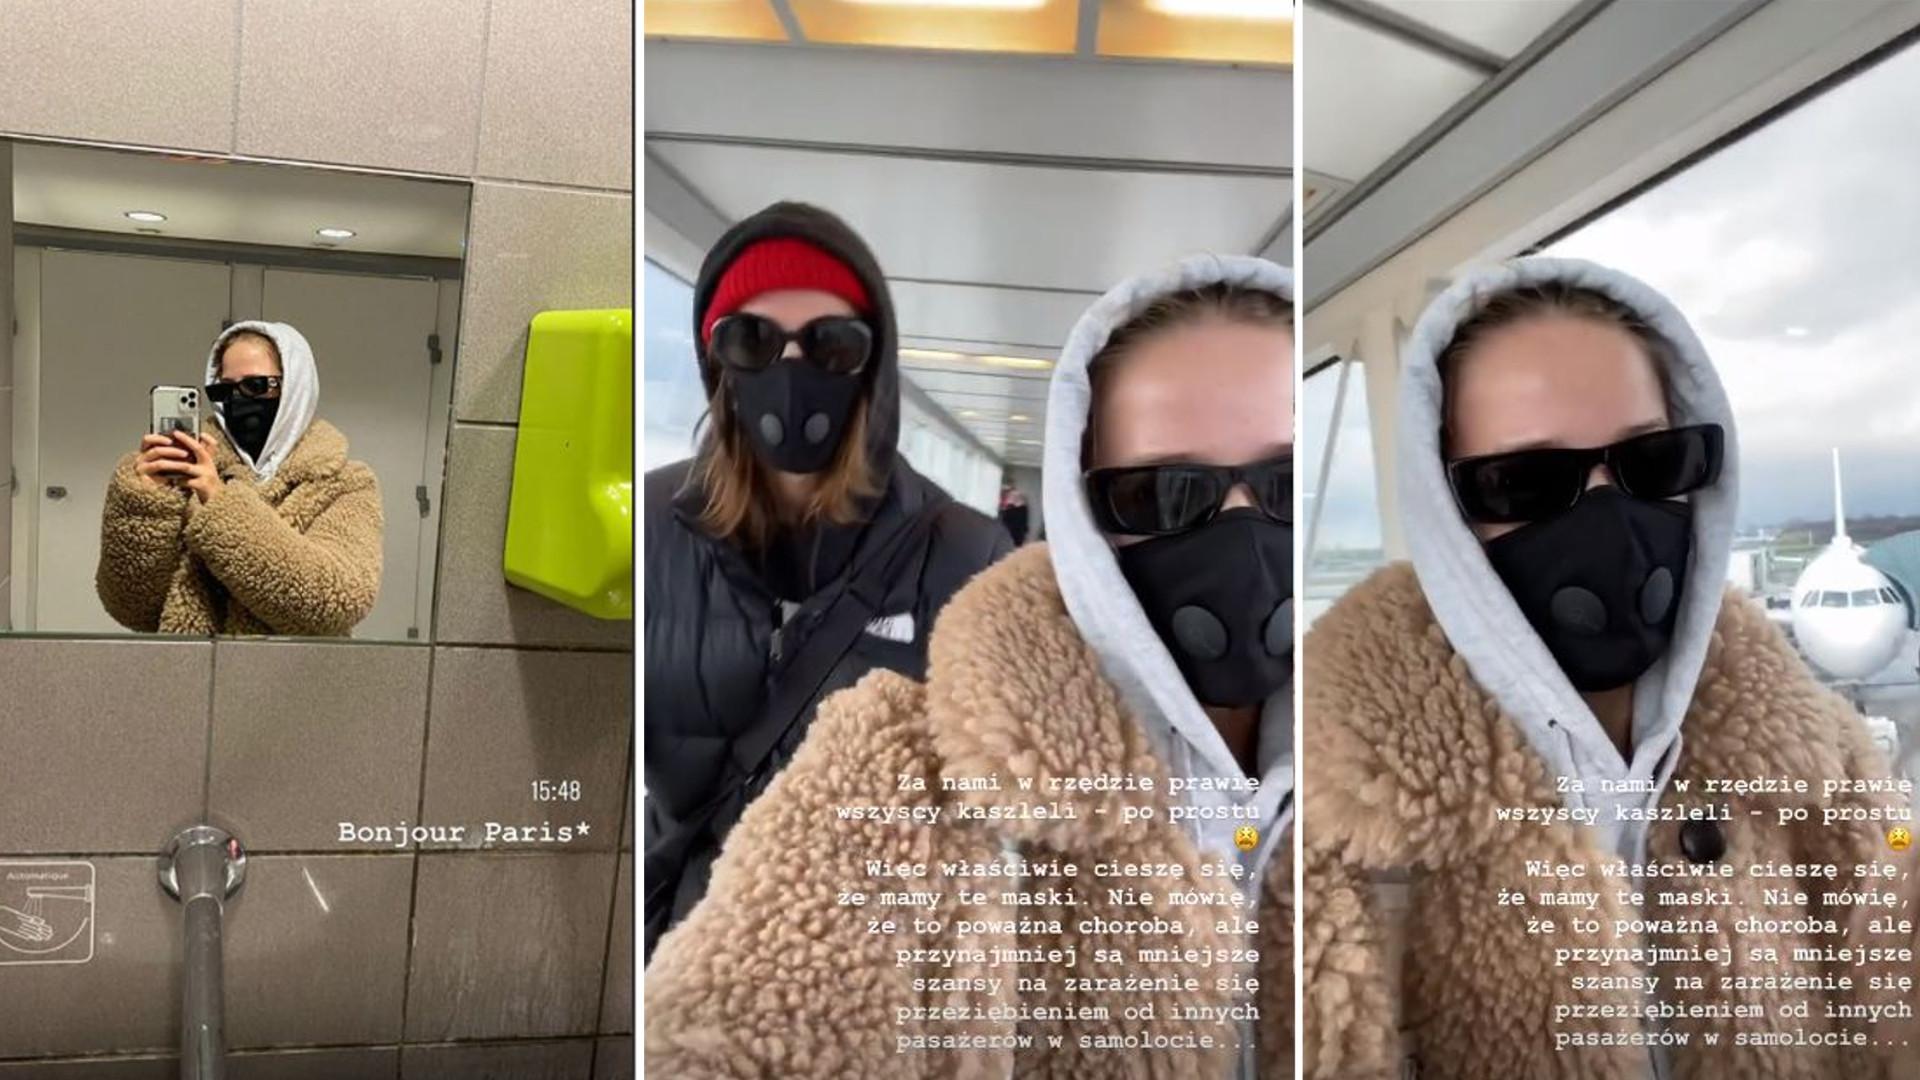 Jessica Mercedes wróciła z Mediolanu i poleciała do Paryża – w samolocie siedziała w masce, bo wszyscy kaszleli